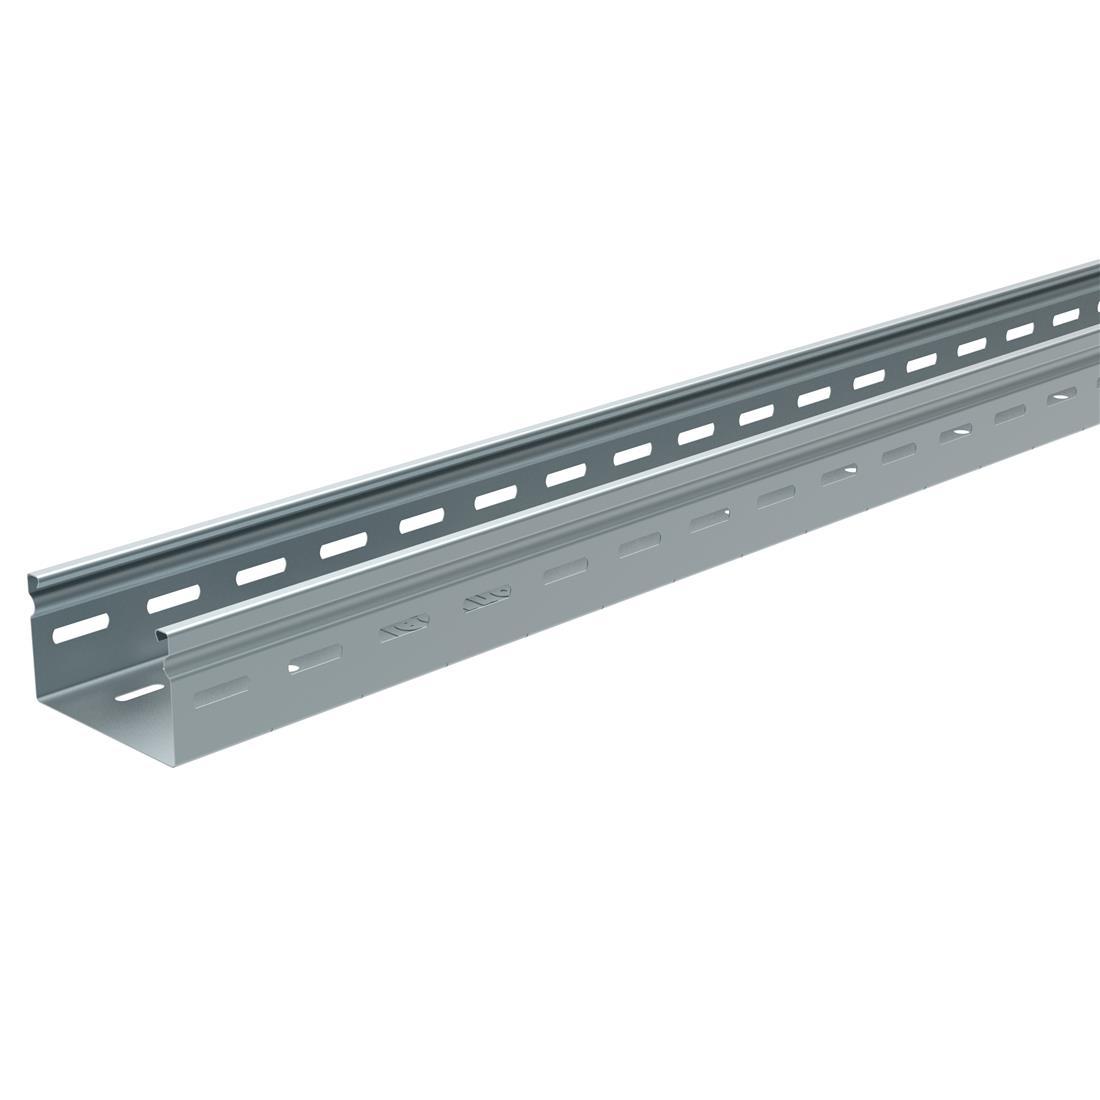 Legrand Kabelgoot P31+ ST -perf- L3030 B75 H60 -Sdz. Koppelen 2x ref. 480221